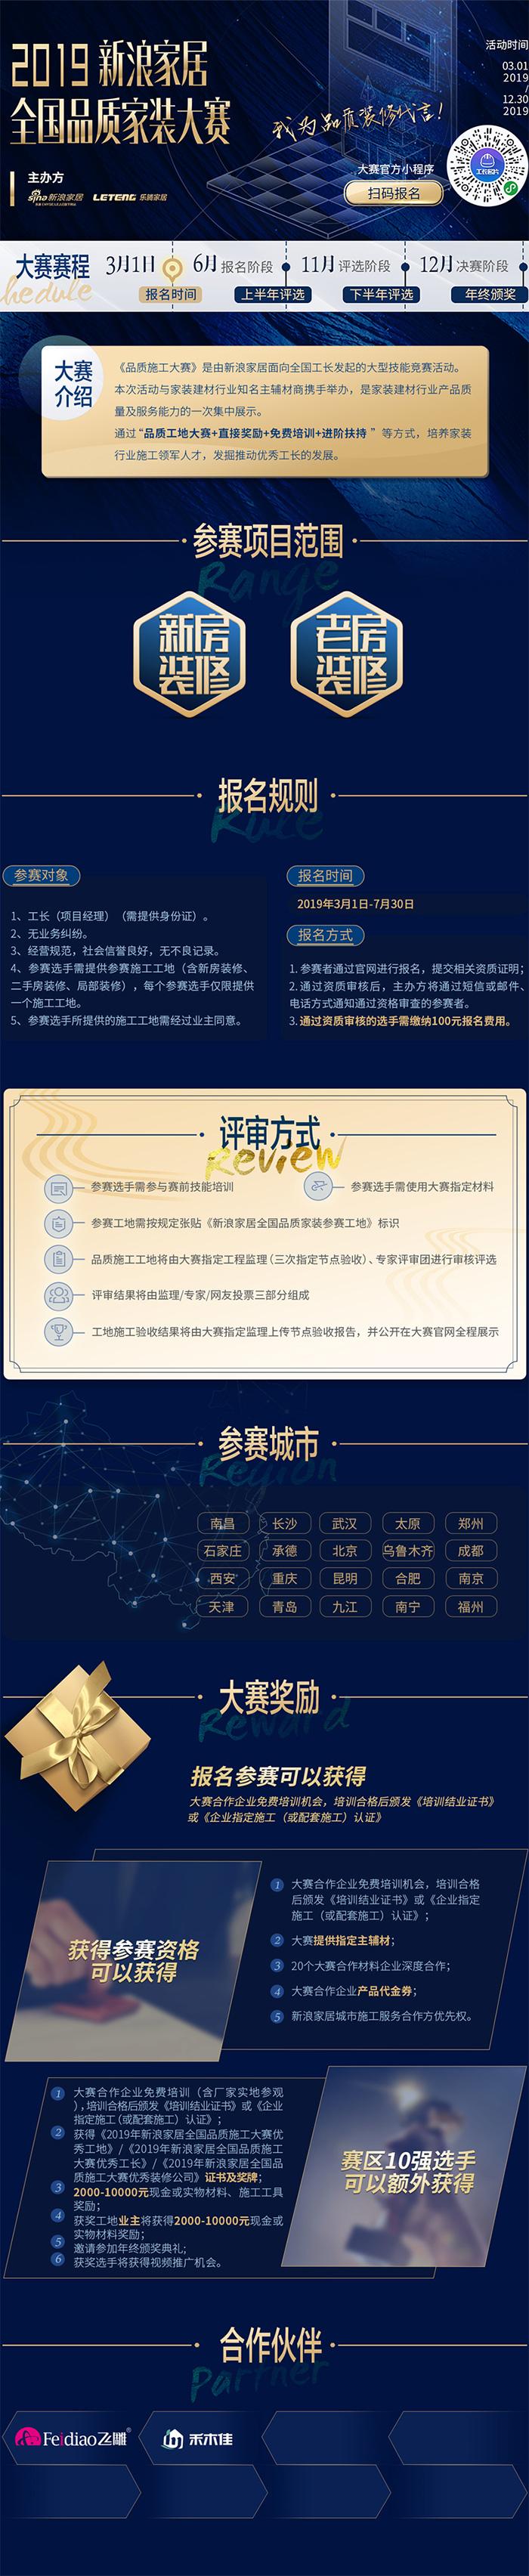 2019新浪<a href=